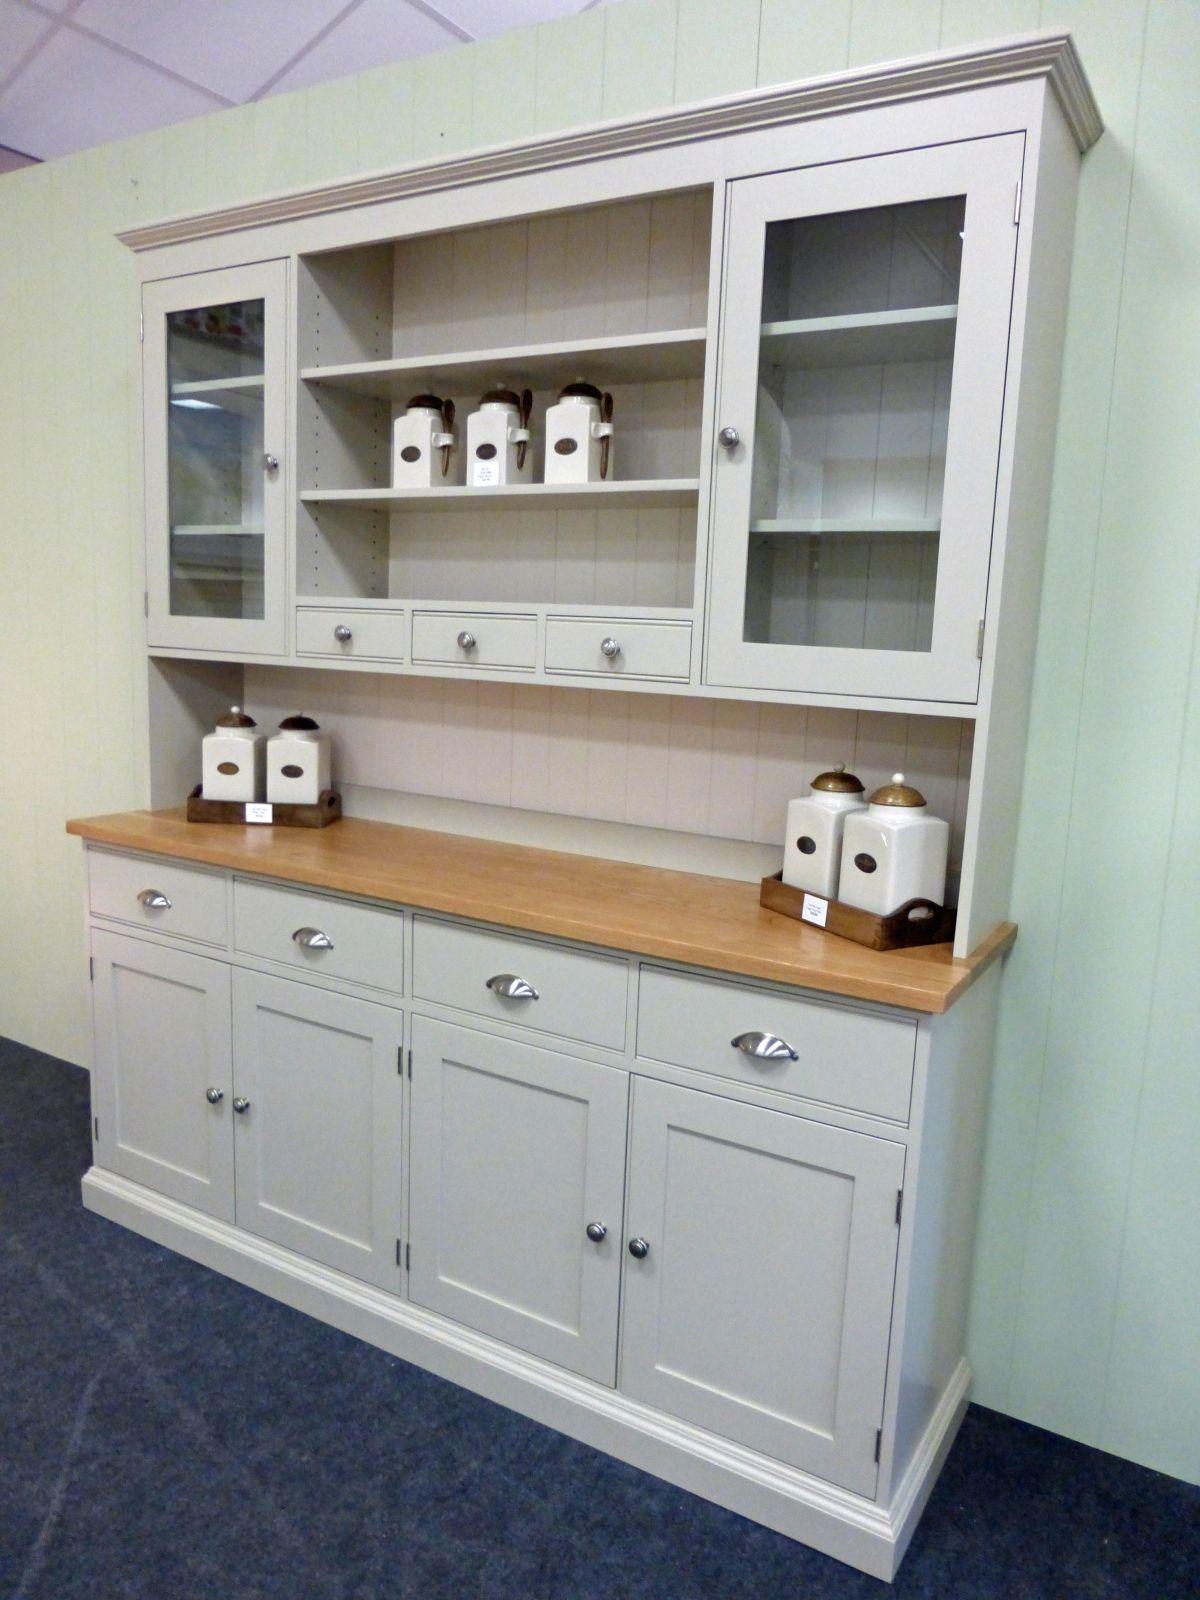 Furniture Specialist In Suffolk About Edmunds Clarke Dining Room Dresser Solid Wood Kitchen Cabinets Modern Kitchen Dresser